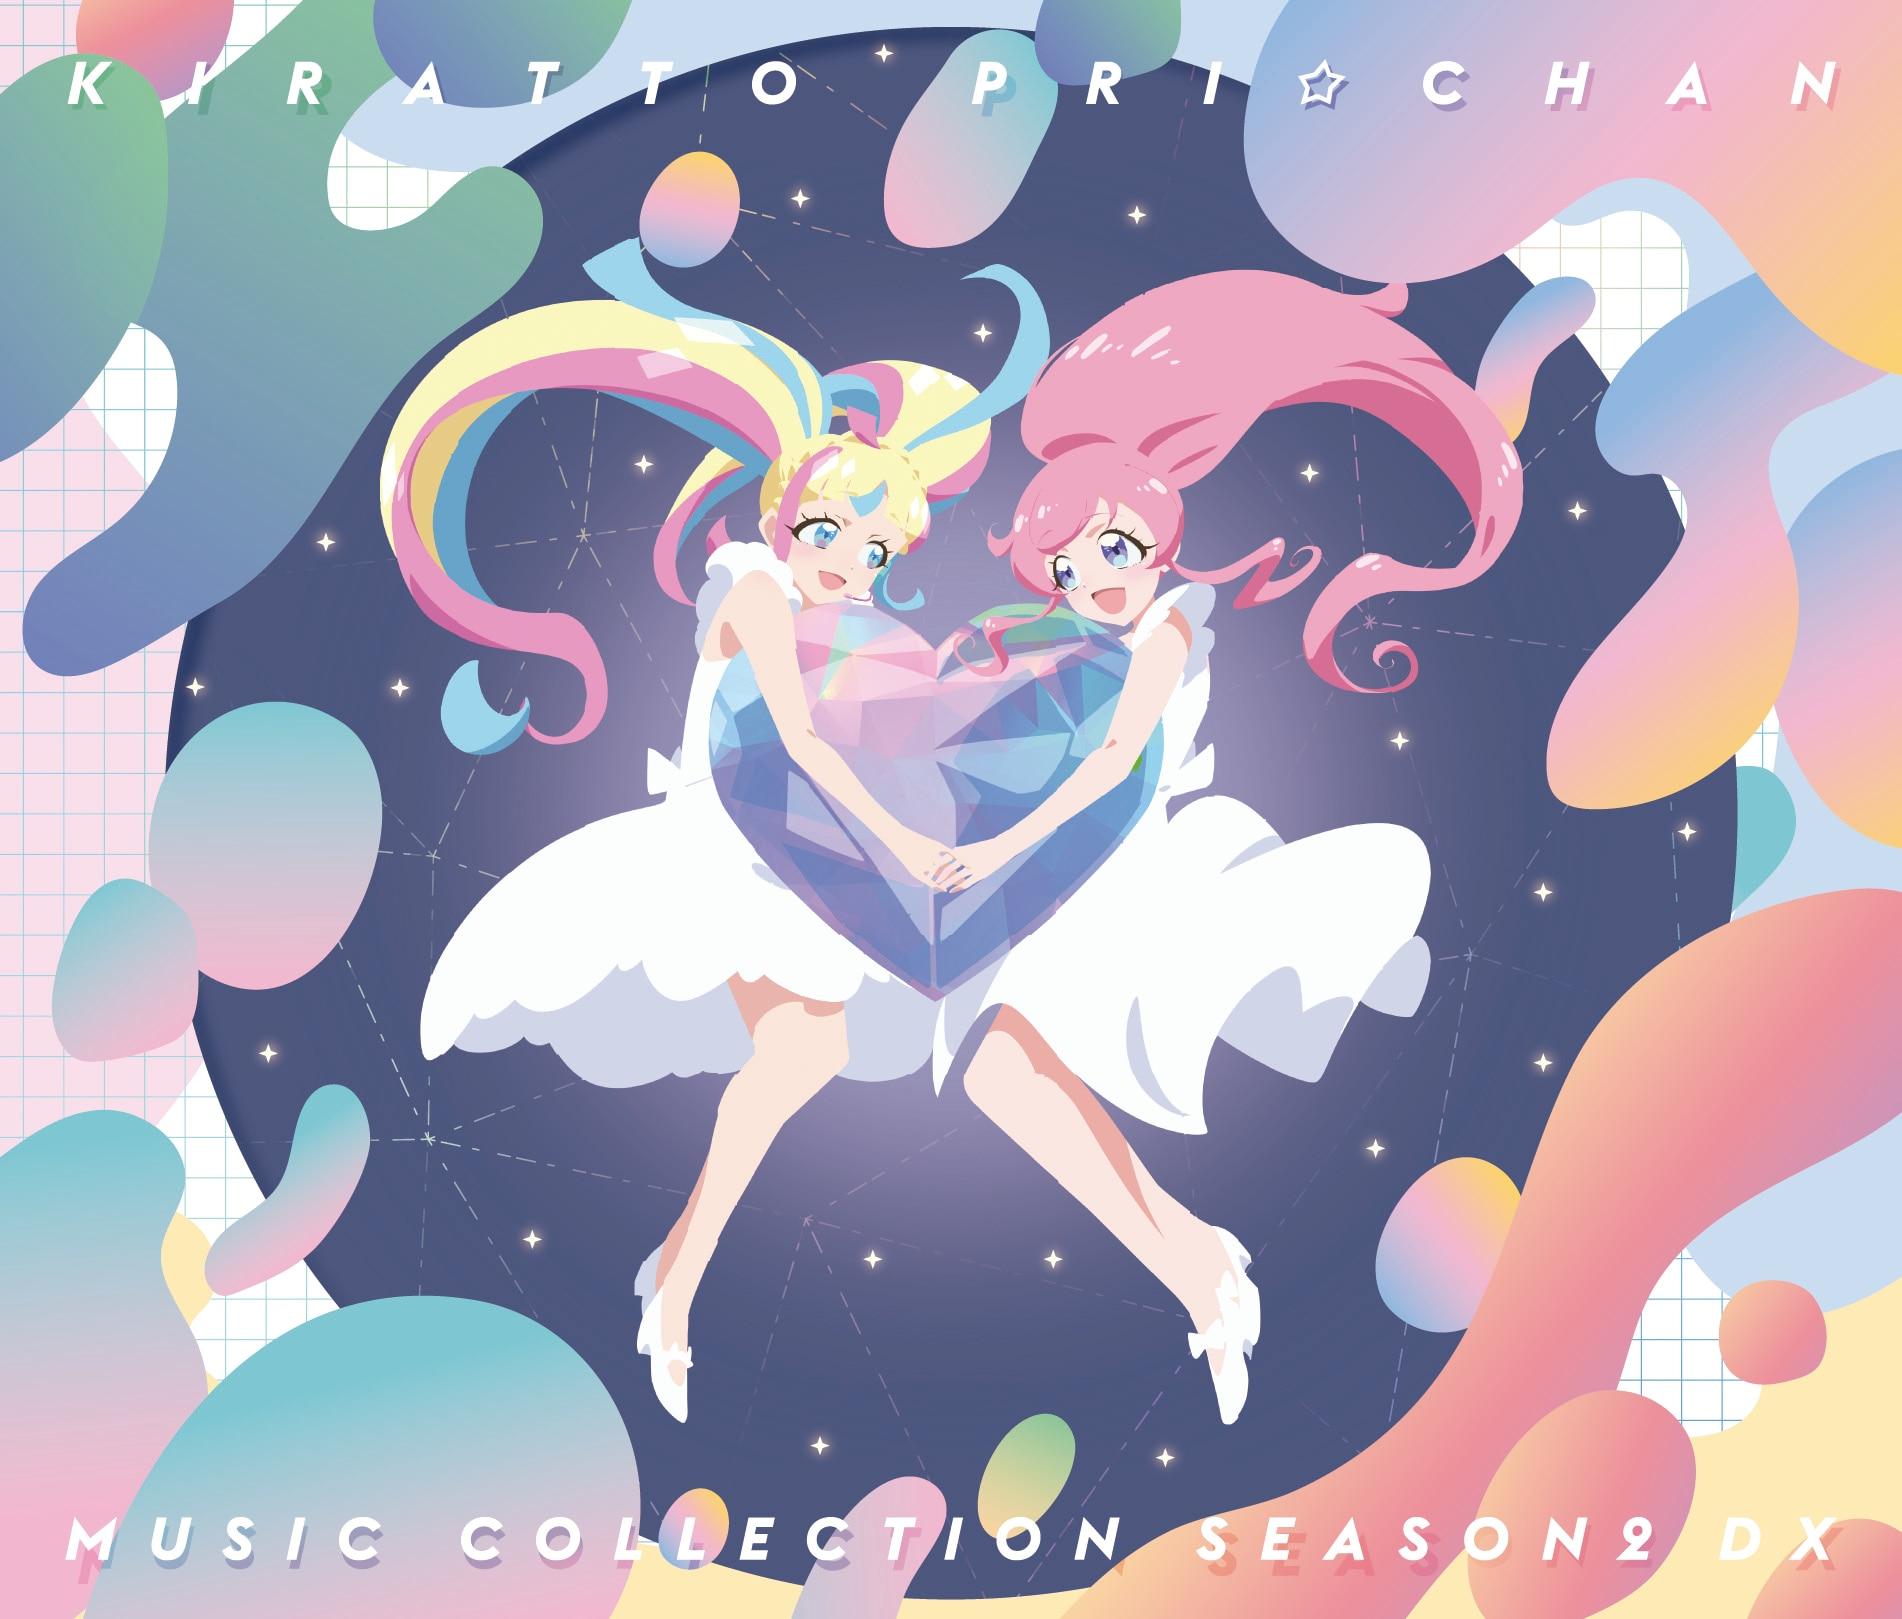 キラッとプリ☆チャン♪ミュージックコレクション Season.2 DX